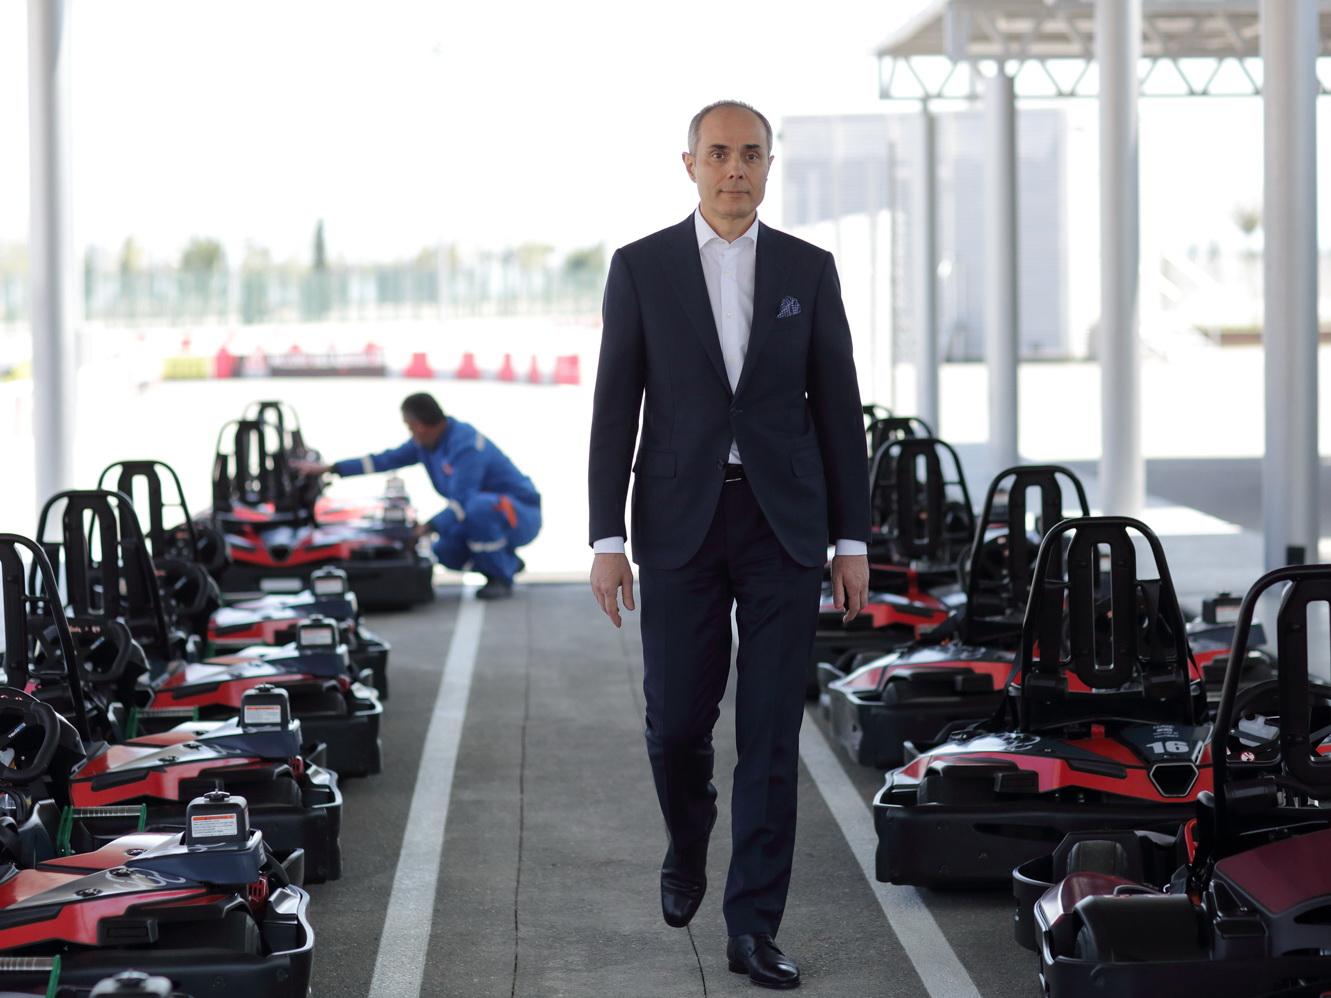 Эльчин Гасанов: «Мы будем развивать картинг, как одно из направлений автоспорта для того, чтобы в будущем, готовить пилотов Формулы -1»